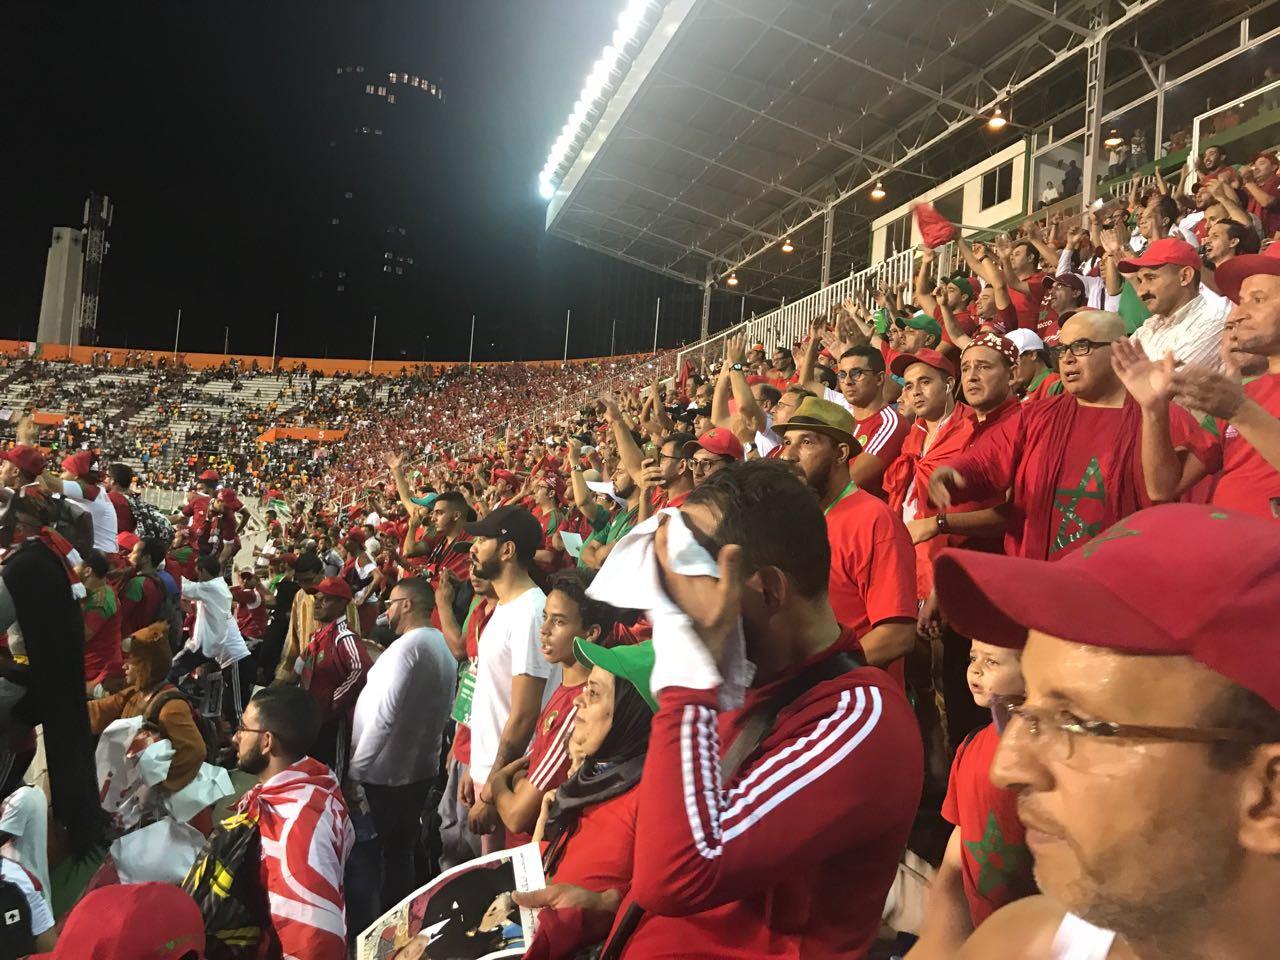 بالفيديو. ها كيفاش دازت اجواء الفرح فالملعب بعد فوز المغرب